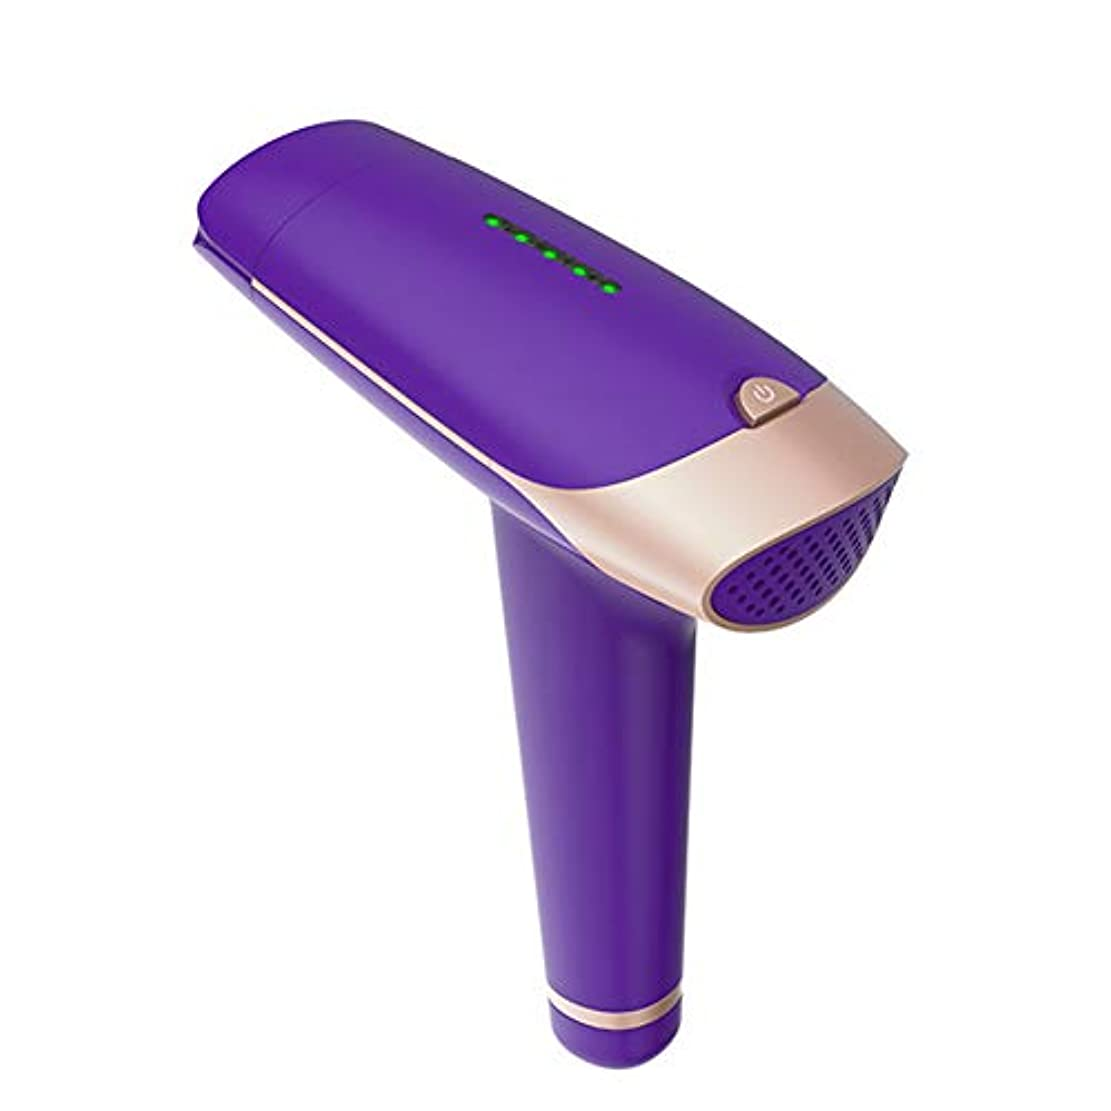 追い付く東方パーチナシティ新しい紫色の家庭用脱毛器具、安全で痛みのない、長期脱毛、全身への繰り返し塗布なし